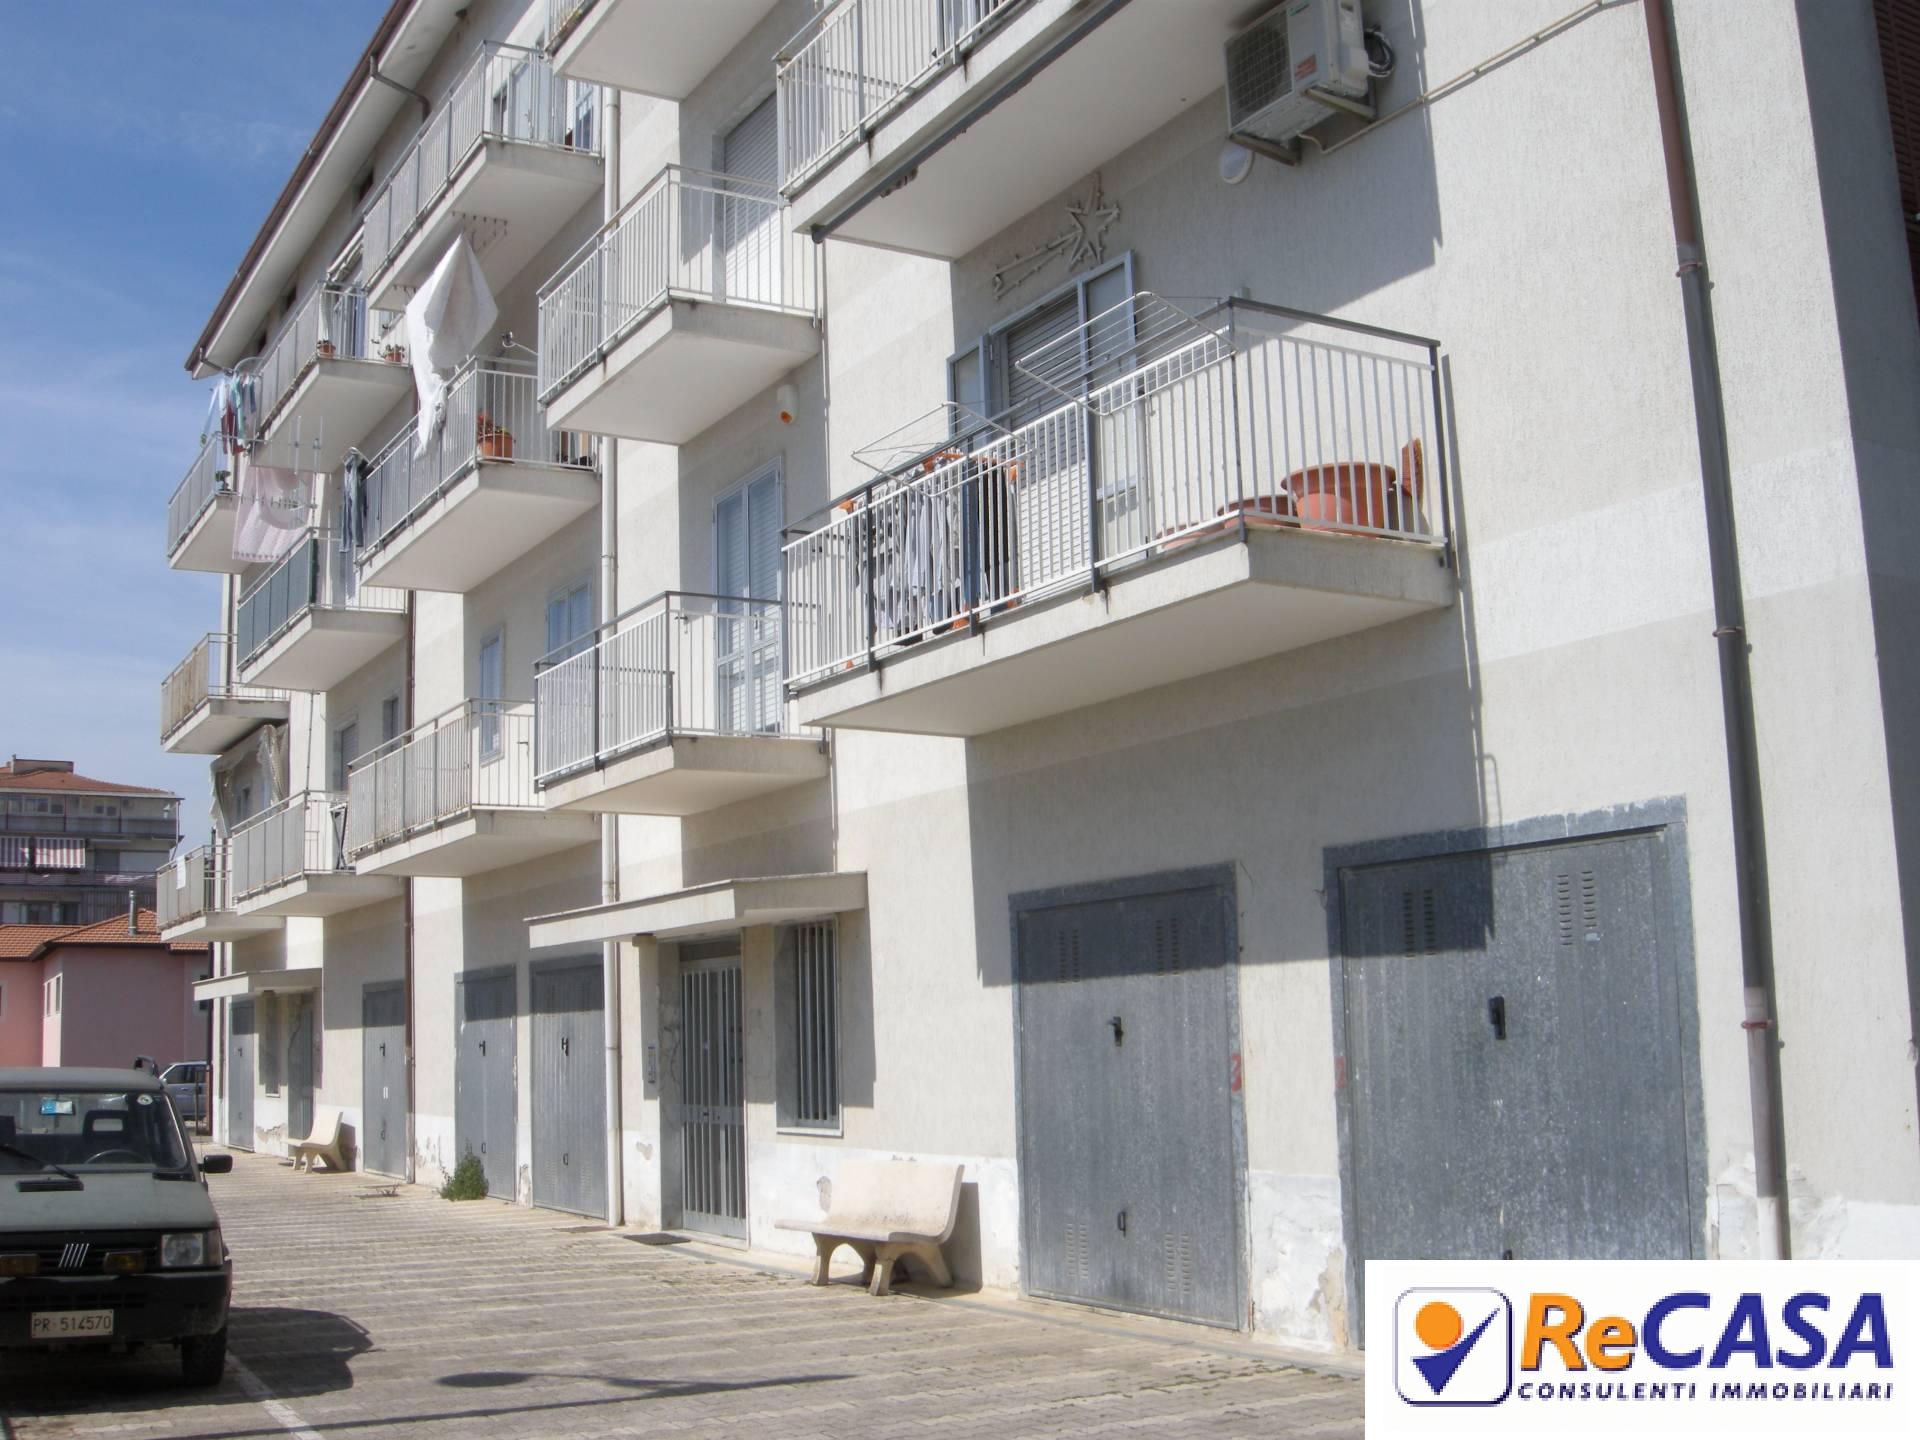 Appartamento in affitto a Montecorvino Pugliano, 2 locali, zona Località: Centro, prezzo € 350 | Cambio Casa.it